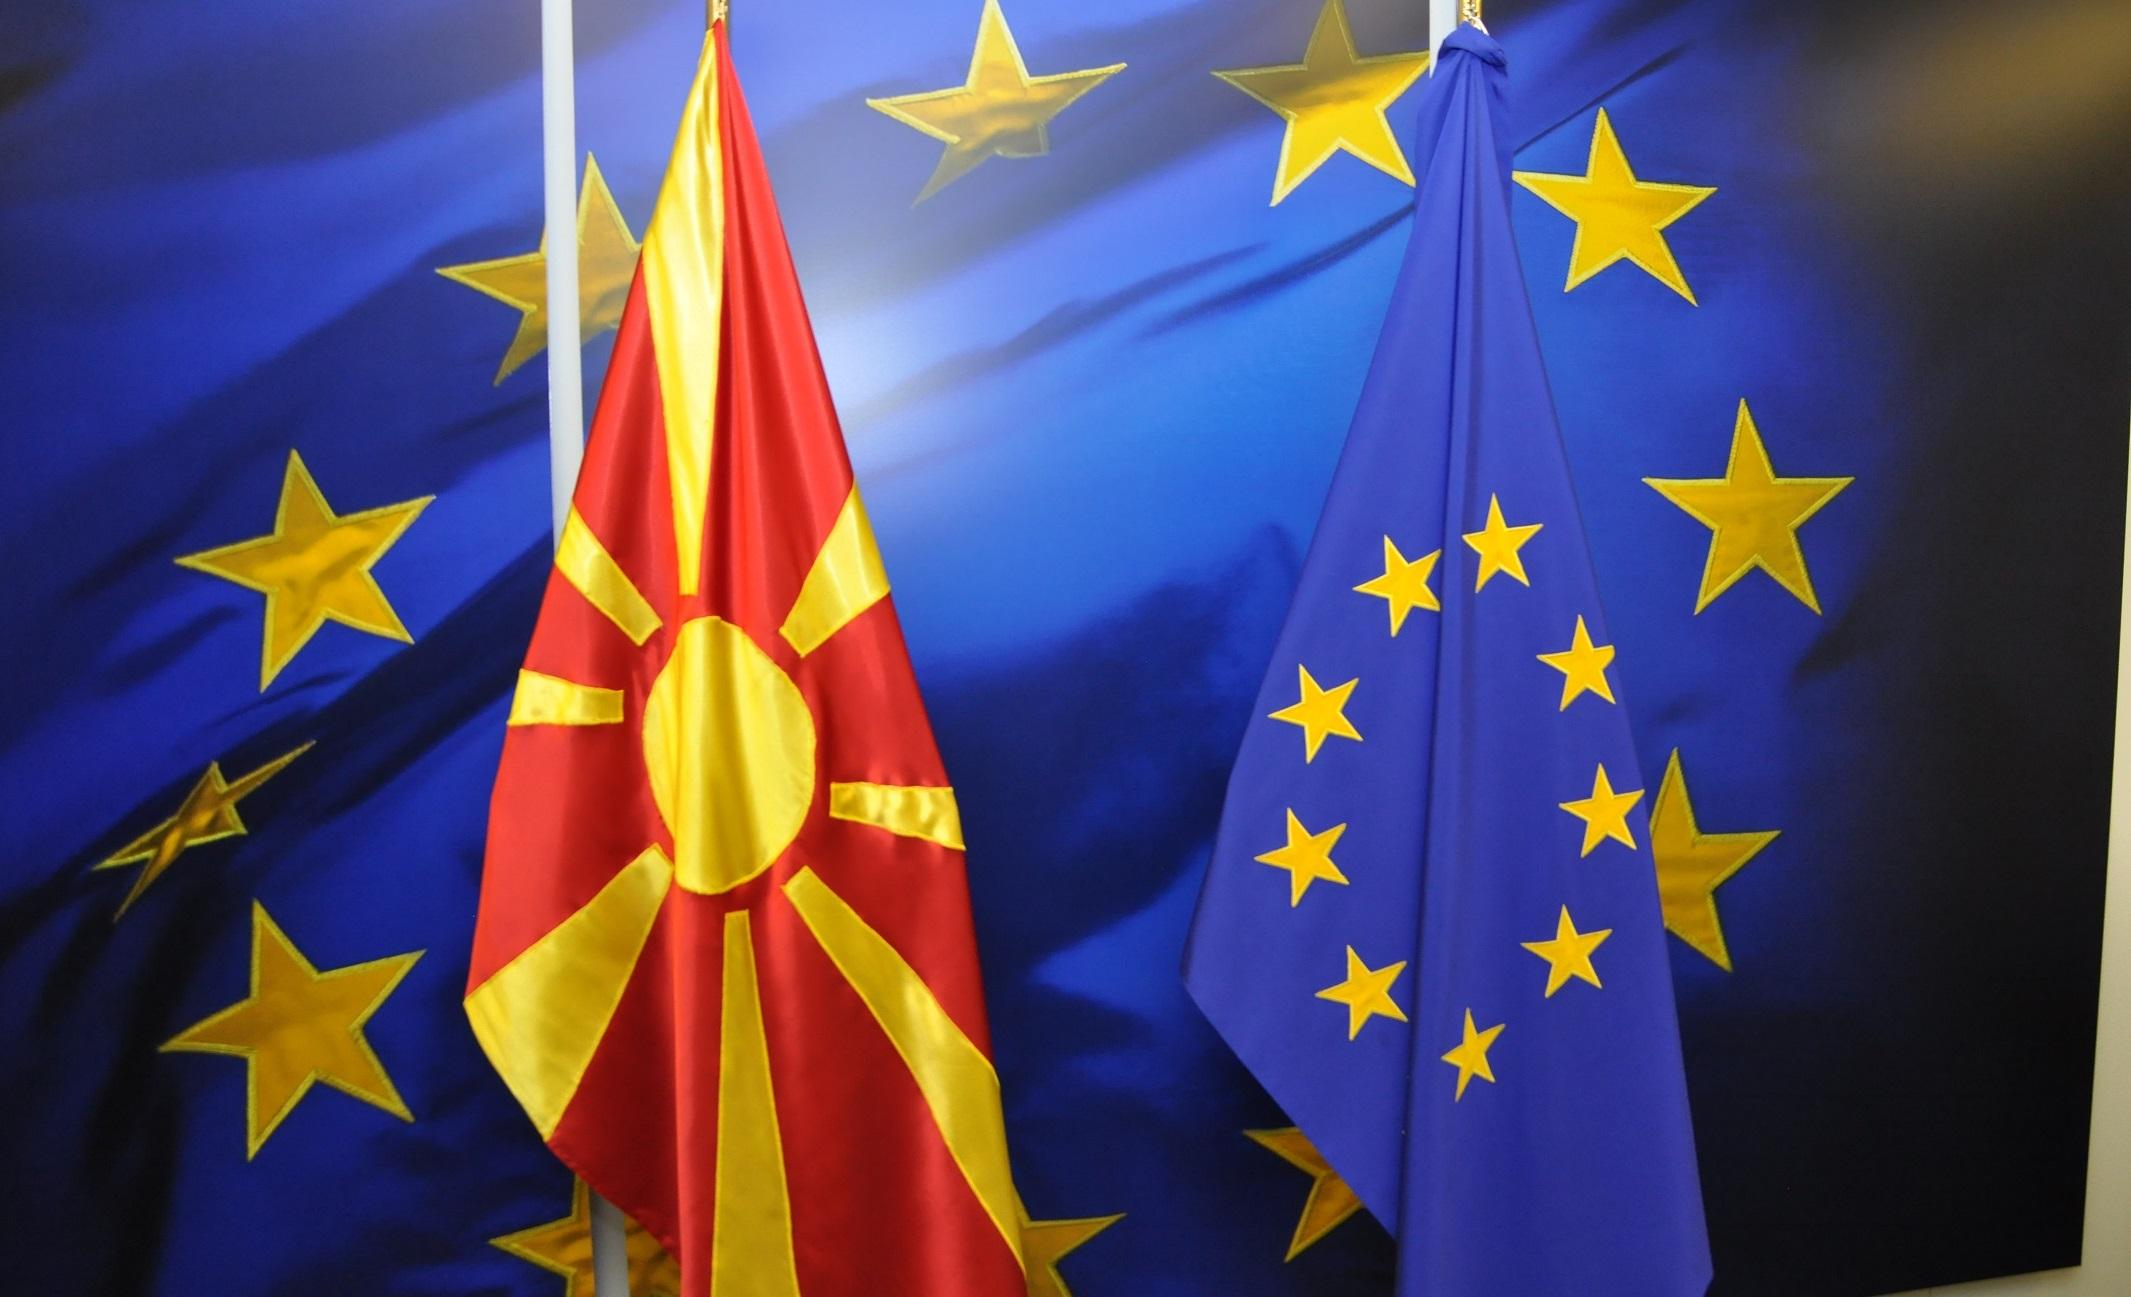 Τα Σκόπια περιμένουν τα καλά νέα από το Λουξεμβούργο